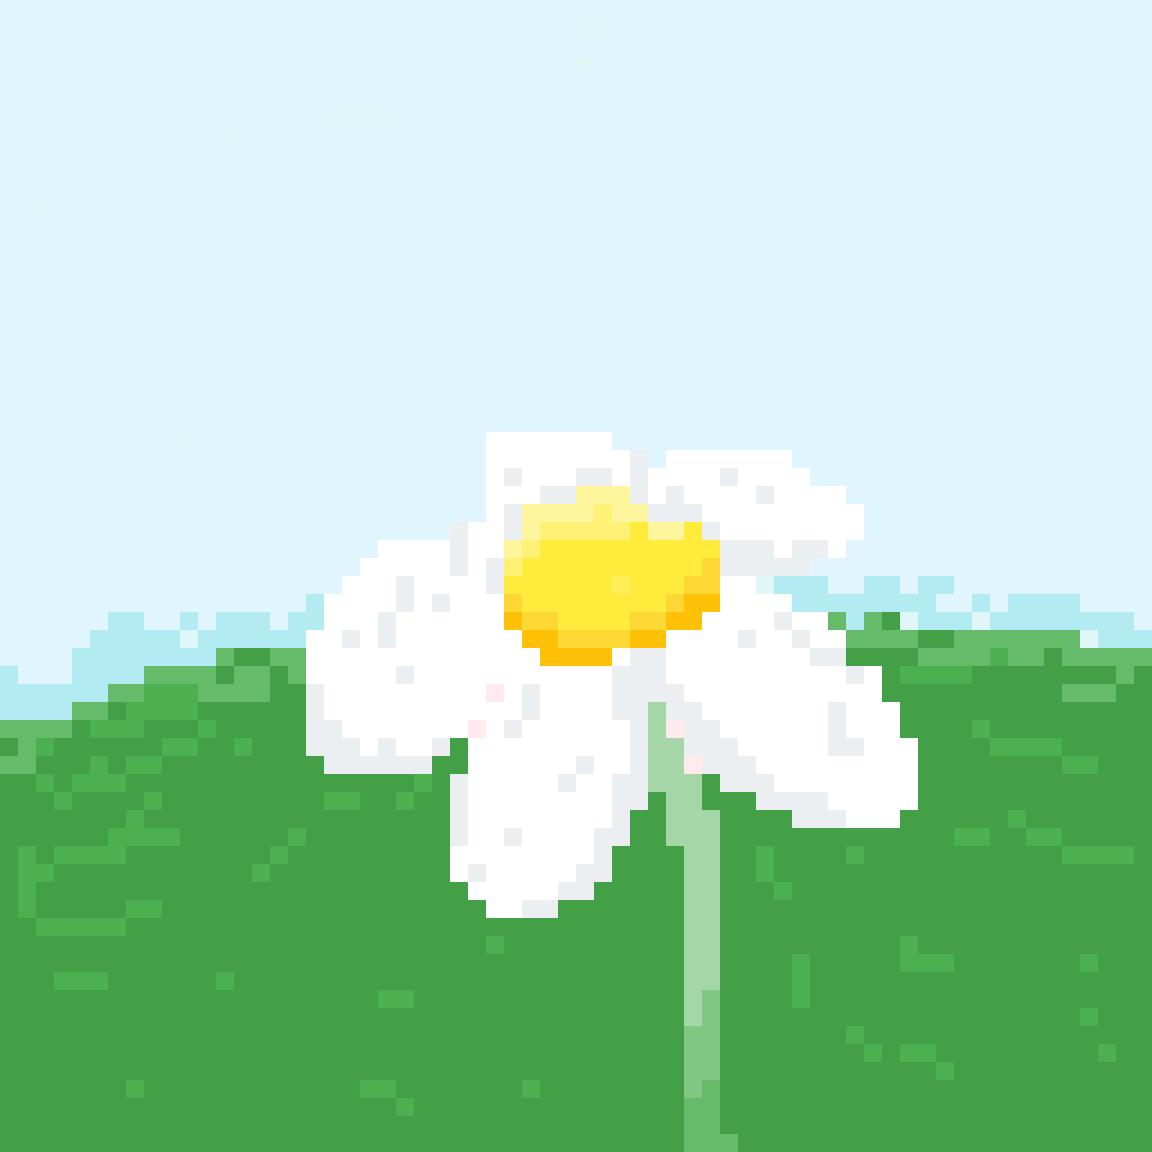 Flower by ZaraTheSloth